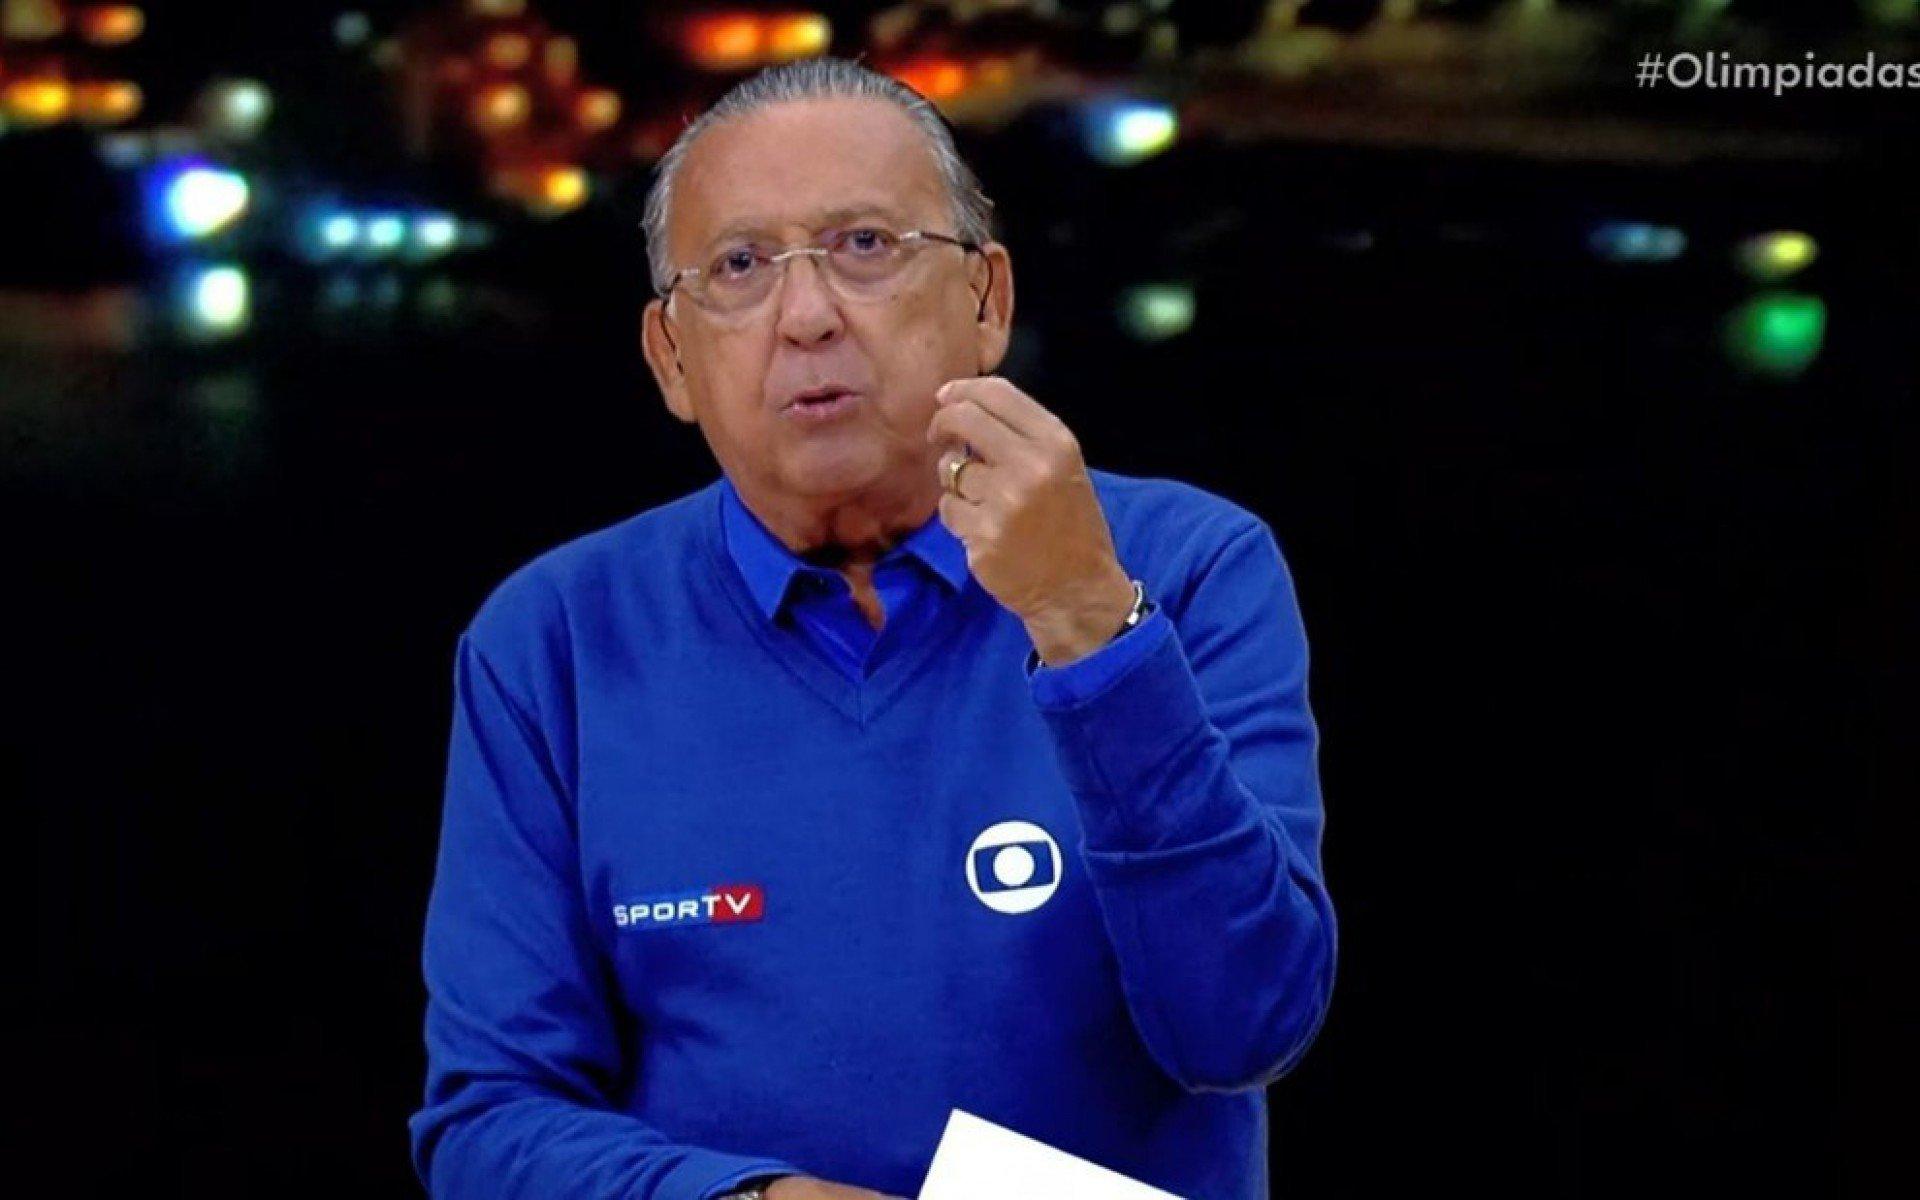 Galvão Bueno evita dizer 'adeus' e afirma que pretende trabalhar nas Olimpíadas de 2024